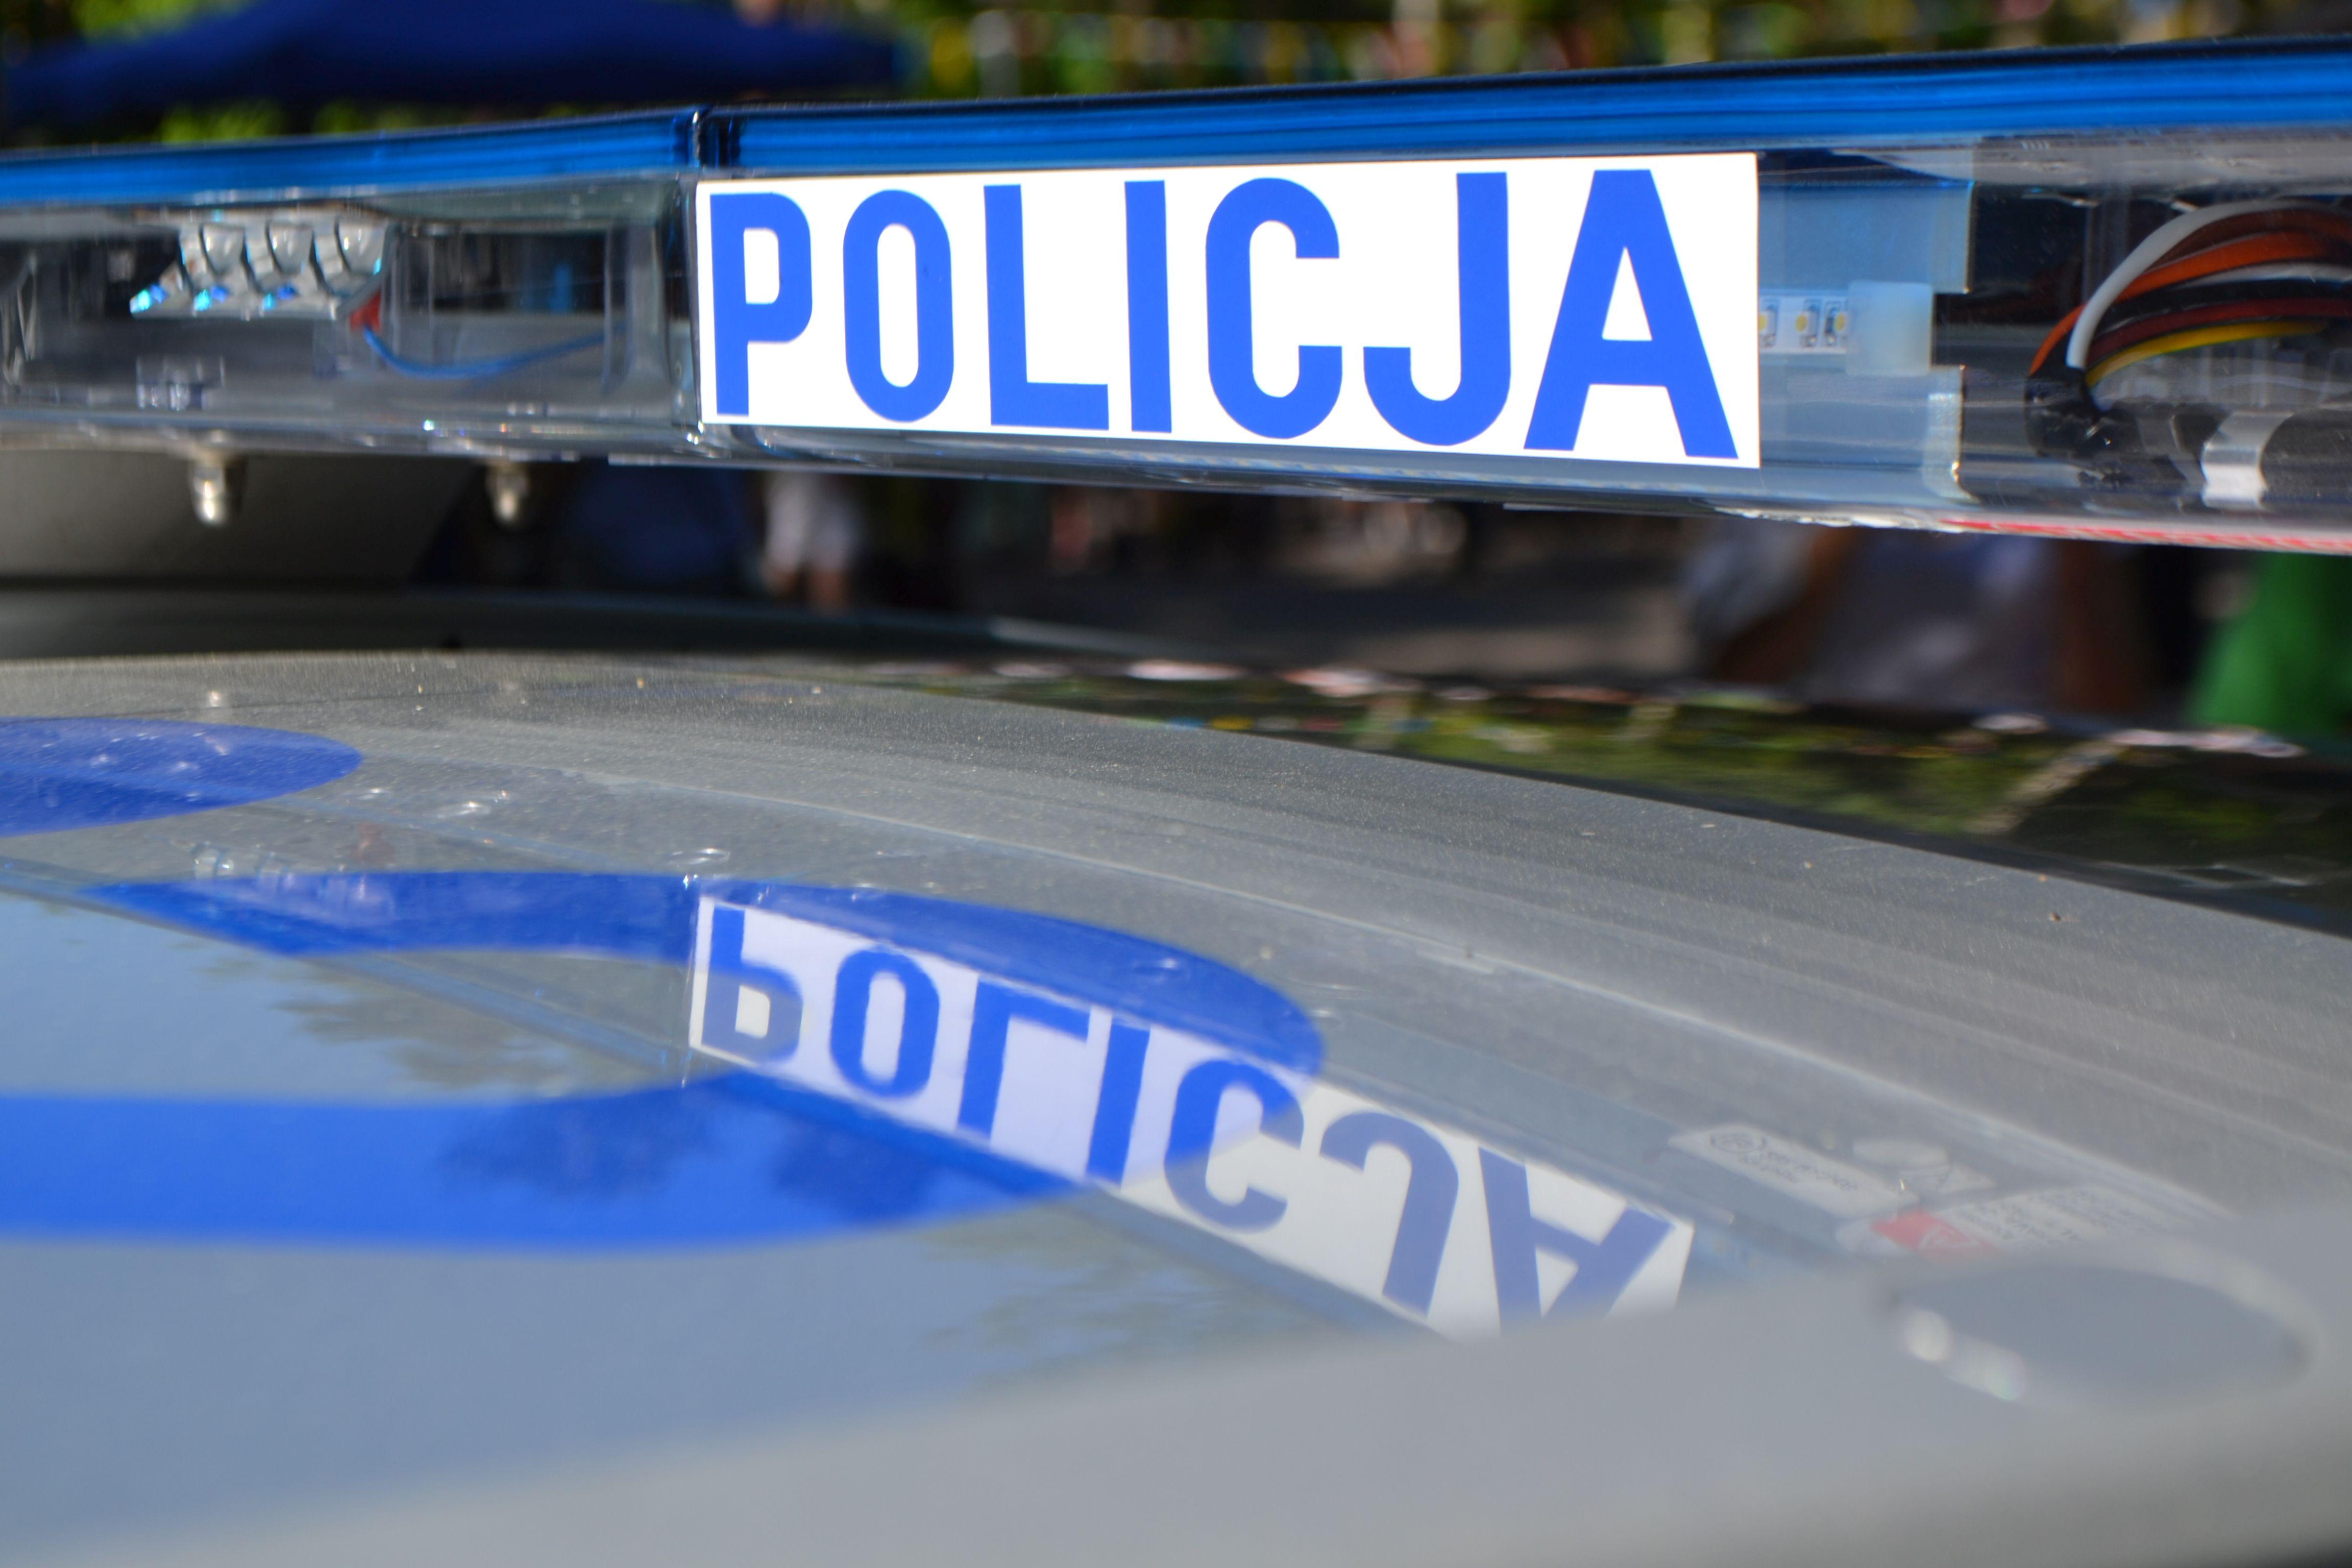 Kolizja drogowa z udziałem nietrzeźwego policjanta z kierownictwa komendy